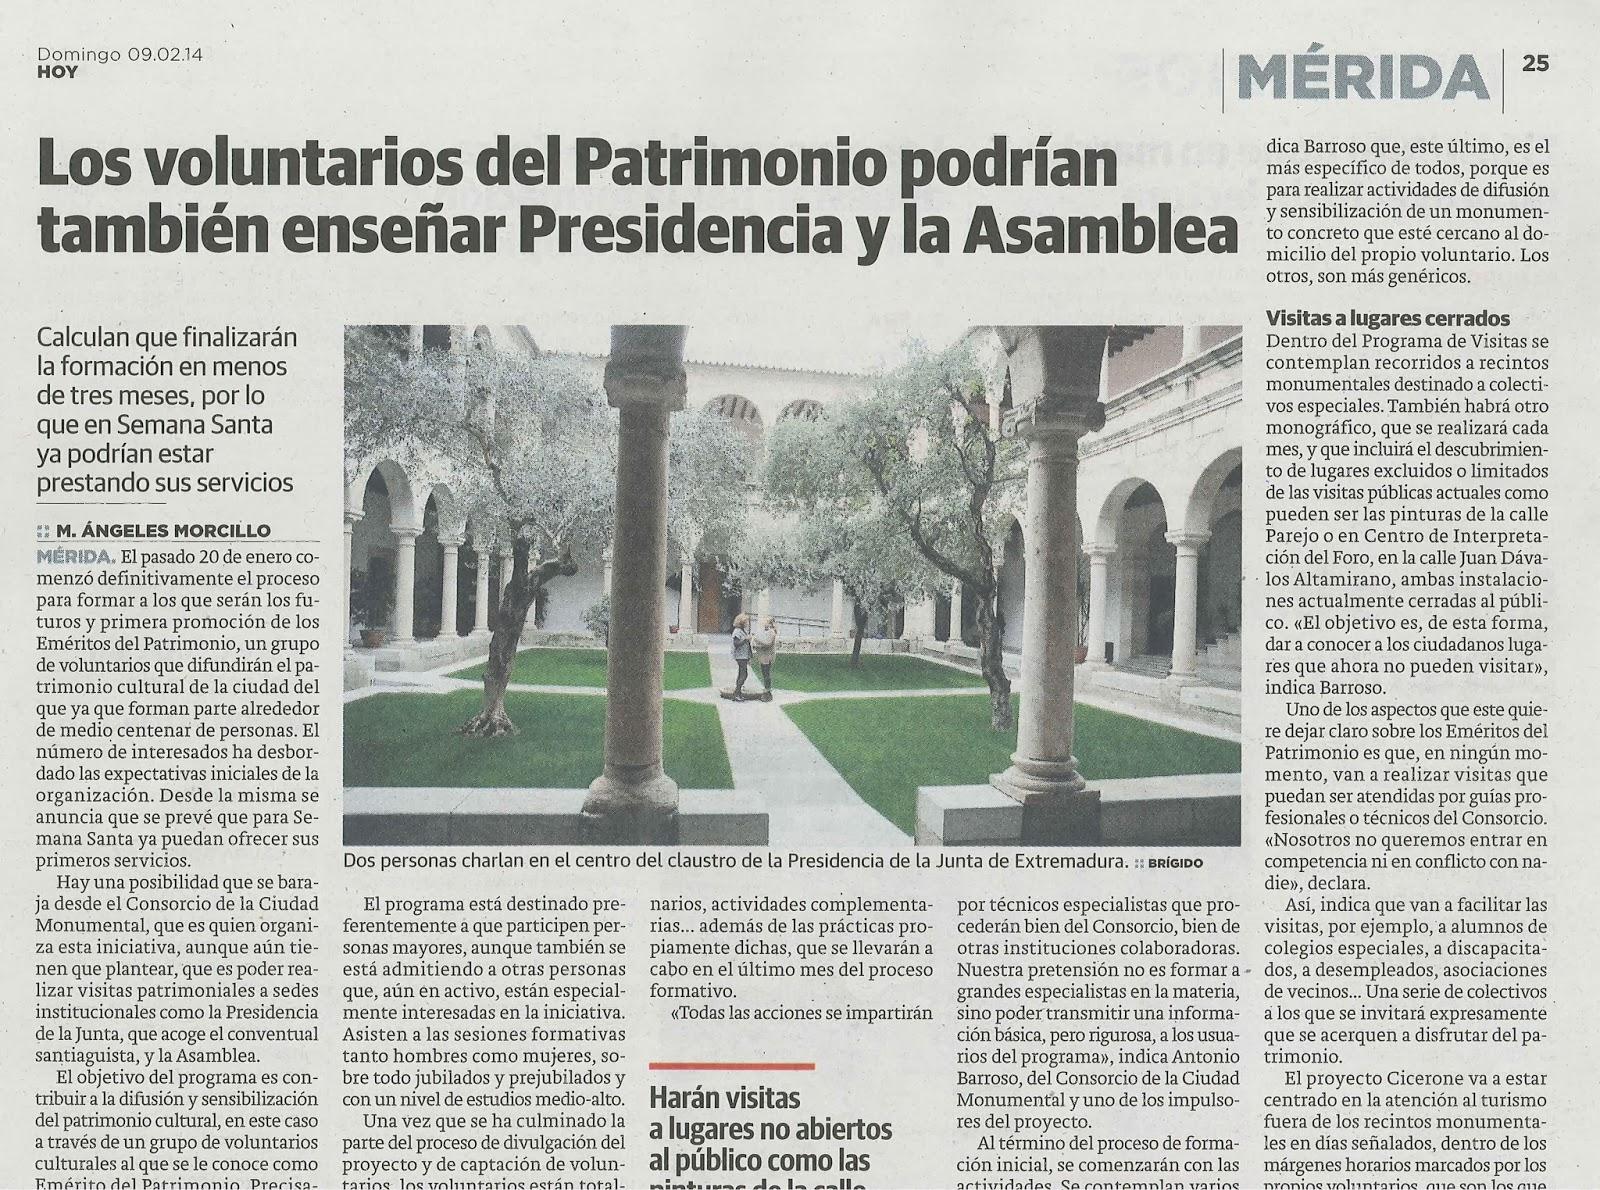 http://www.hoy.es/v/20140209/merida/voluntarios-patrimonio-podrian-tambien-20140209.html